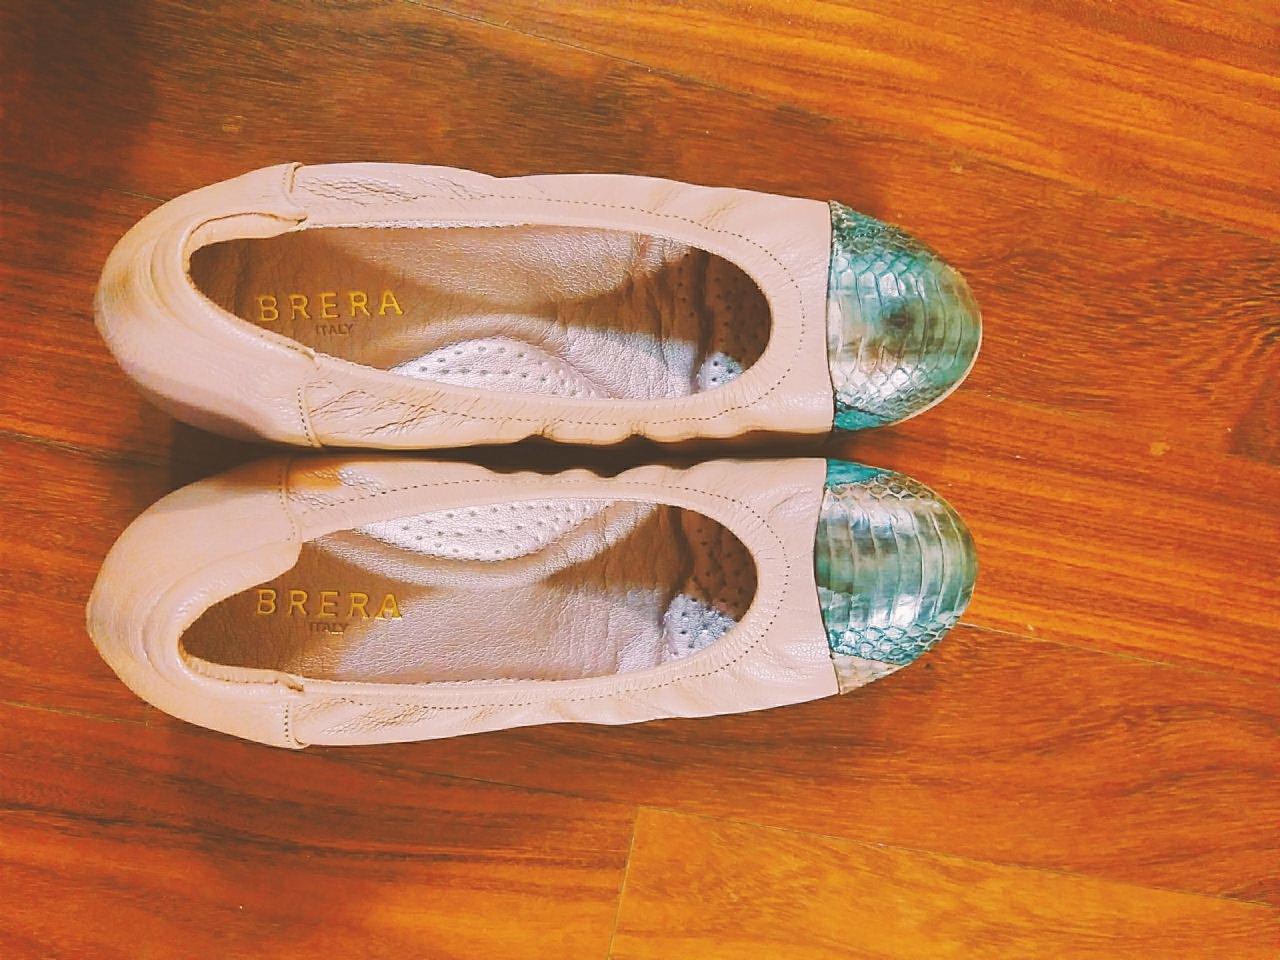 신발 팔아요 브렌드 있는 신발이에요~